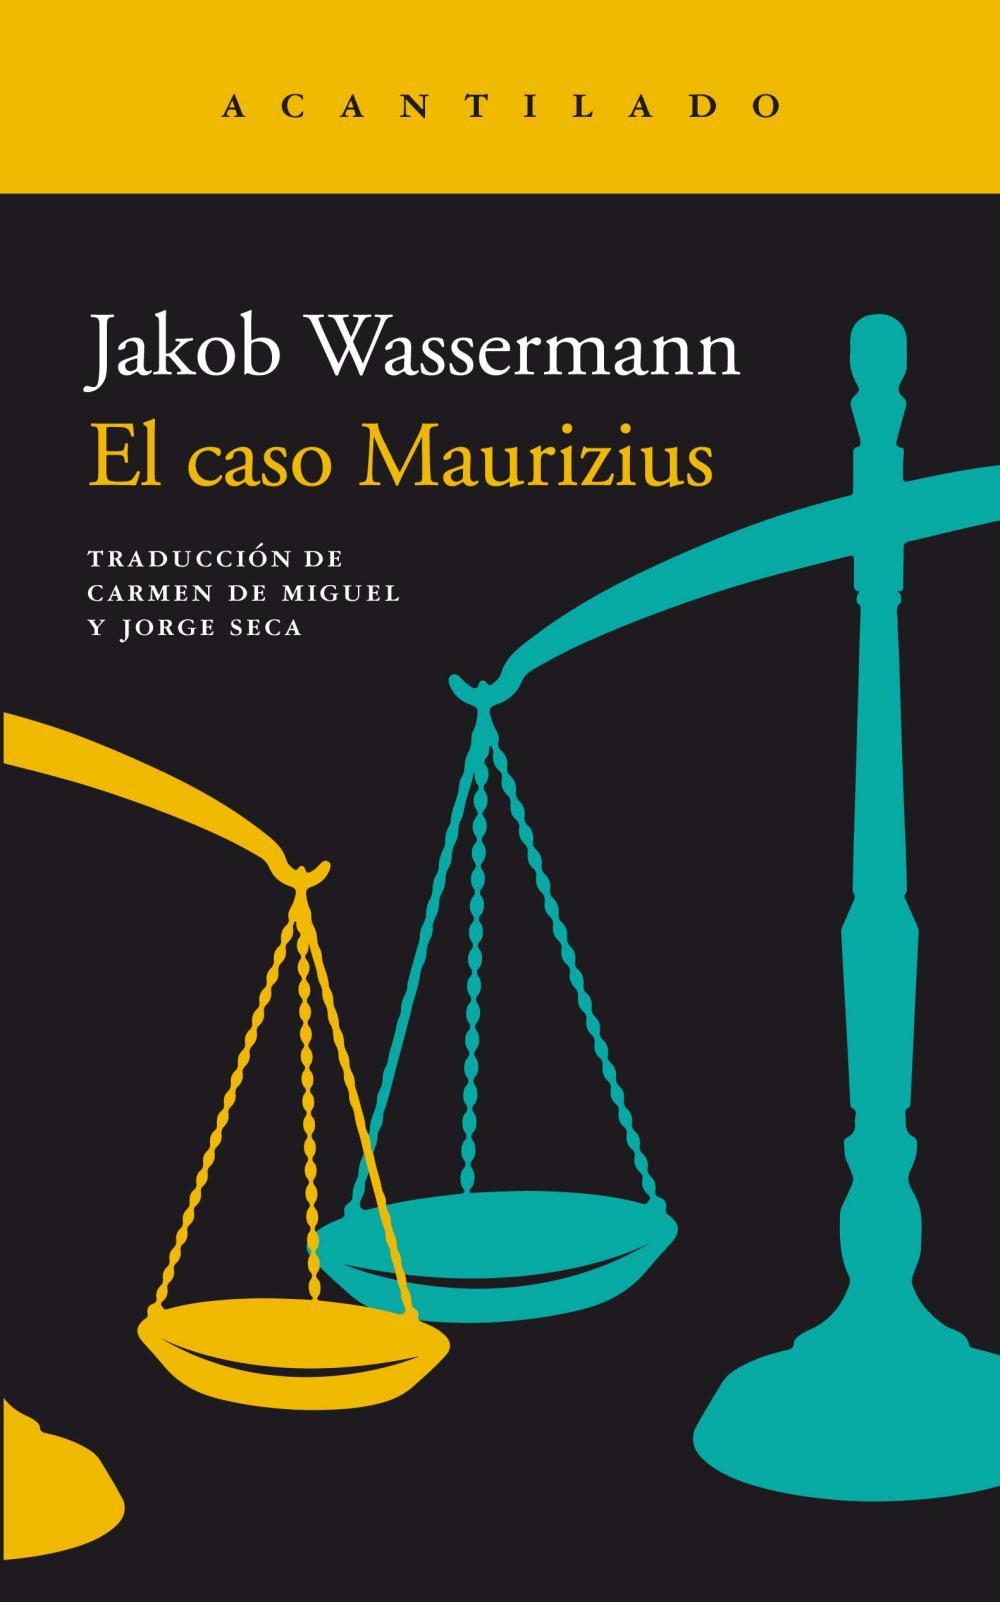 El caso Maurizius